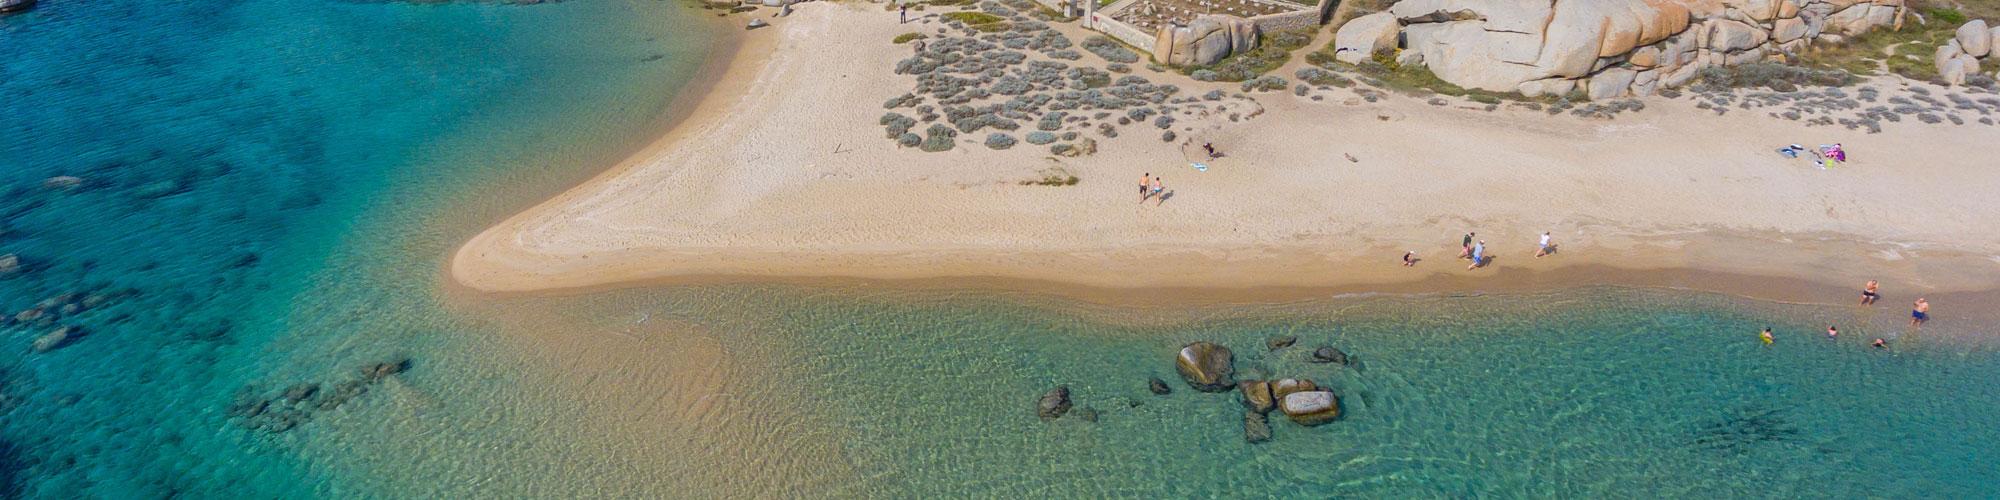 Korsika Lavezzi-Inseln